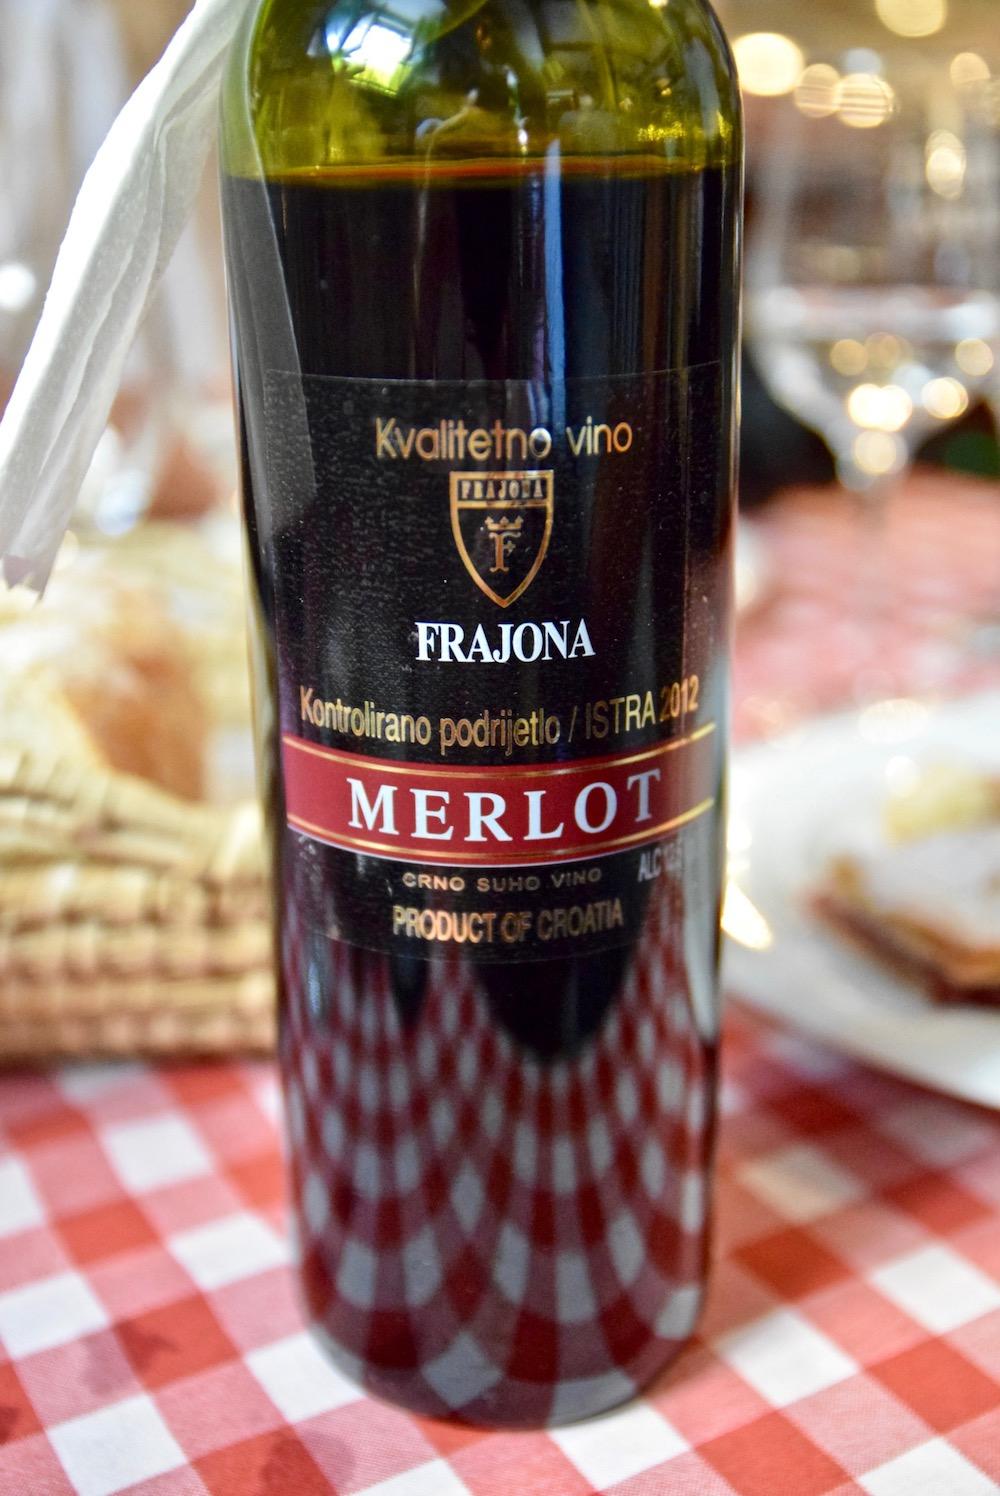 Frajona Merlot.jpg